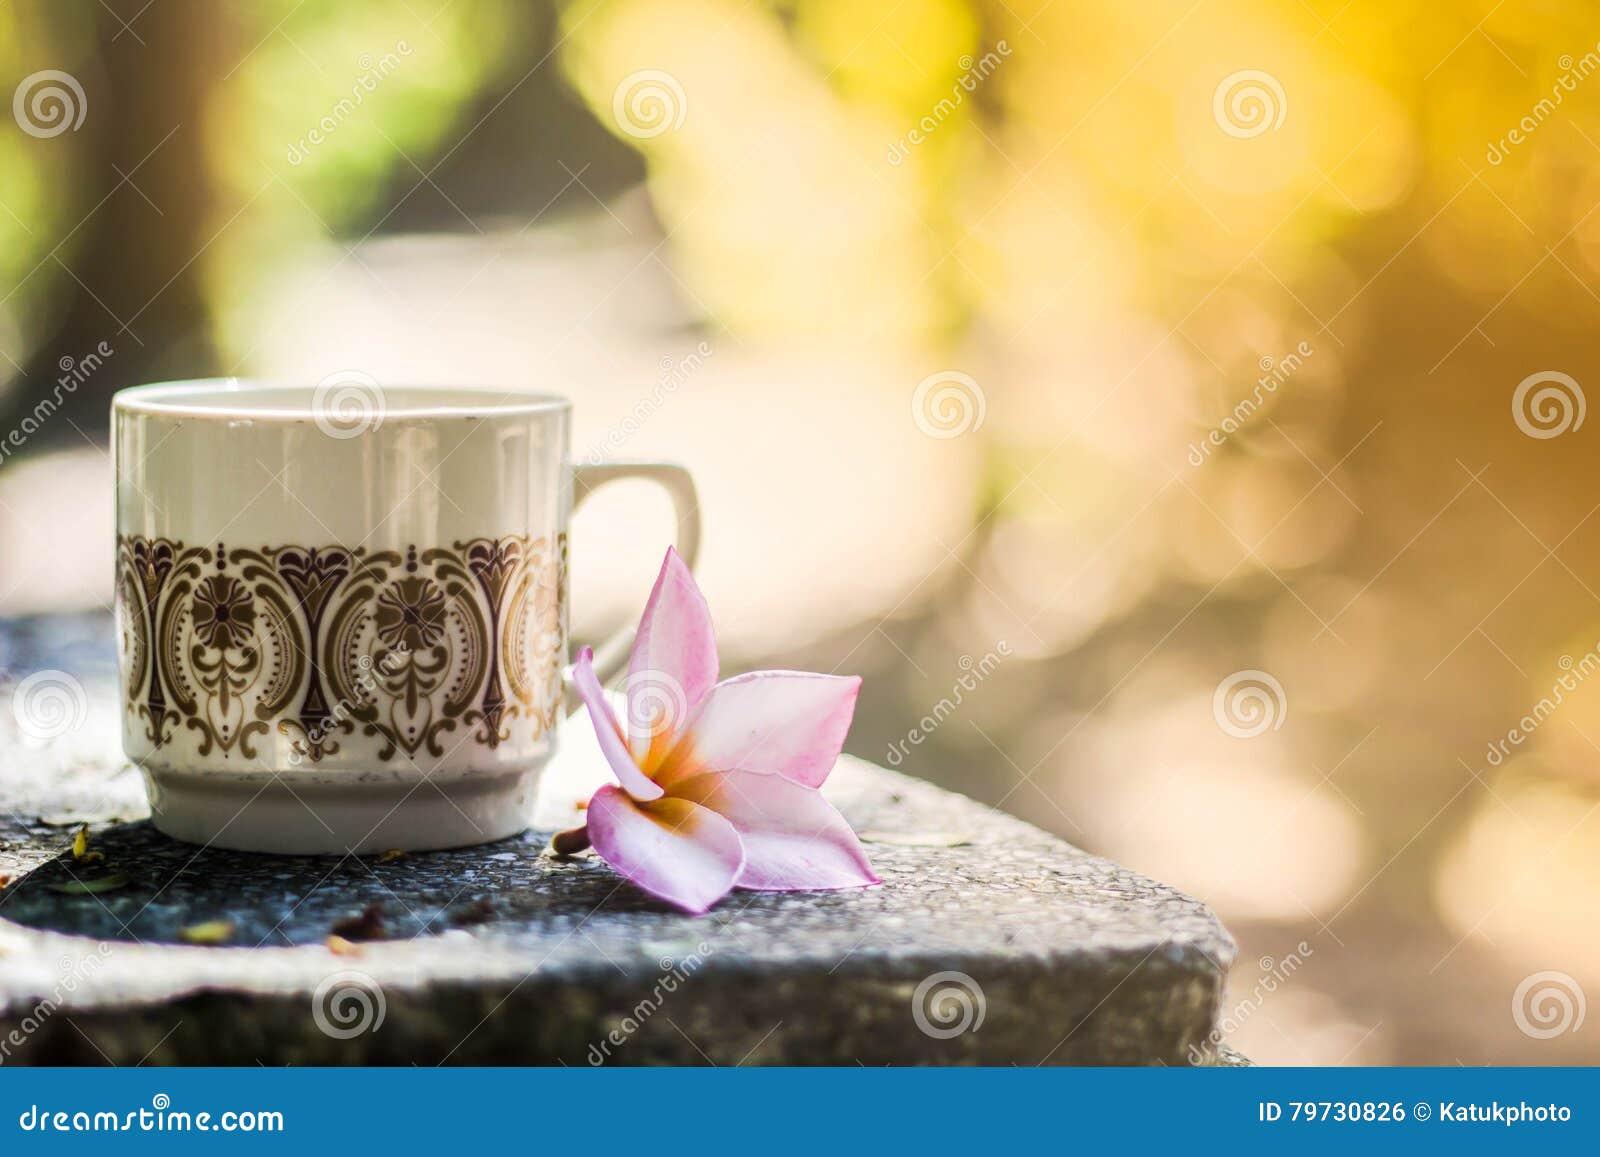 Fondo borroso, florero con café de las tazas en cafetería,